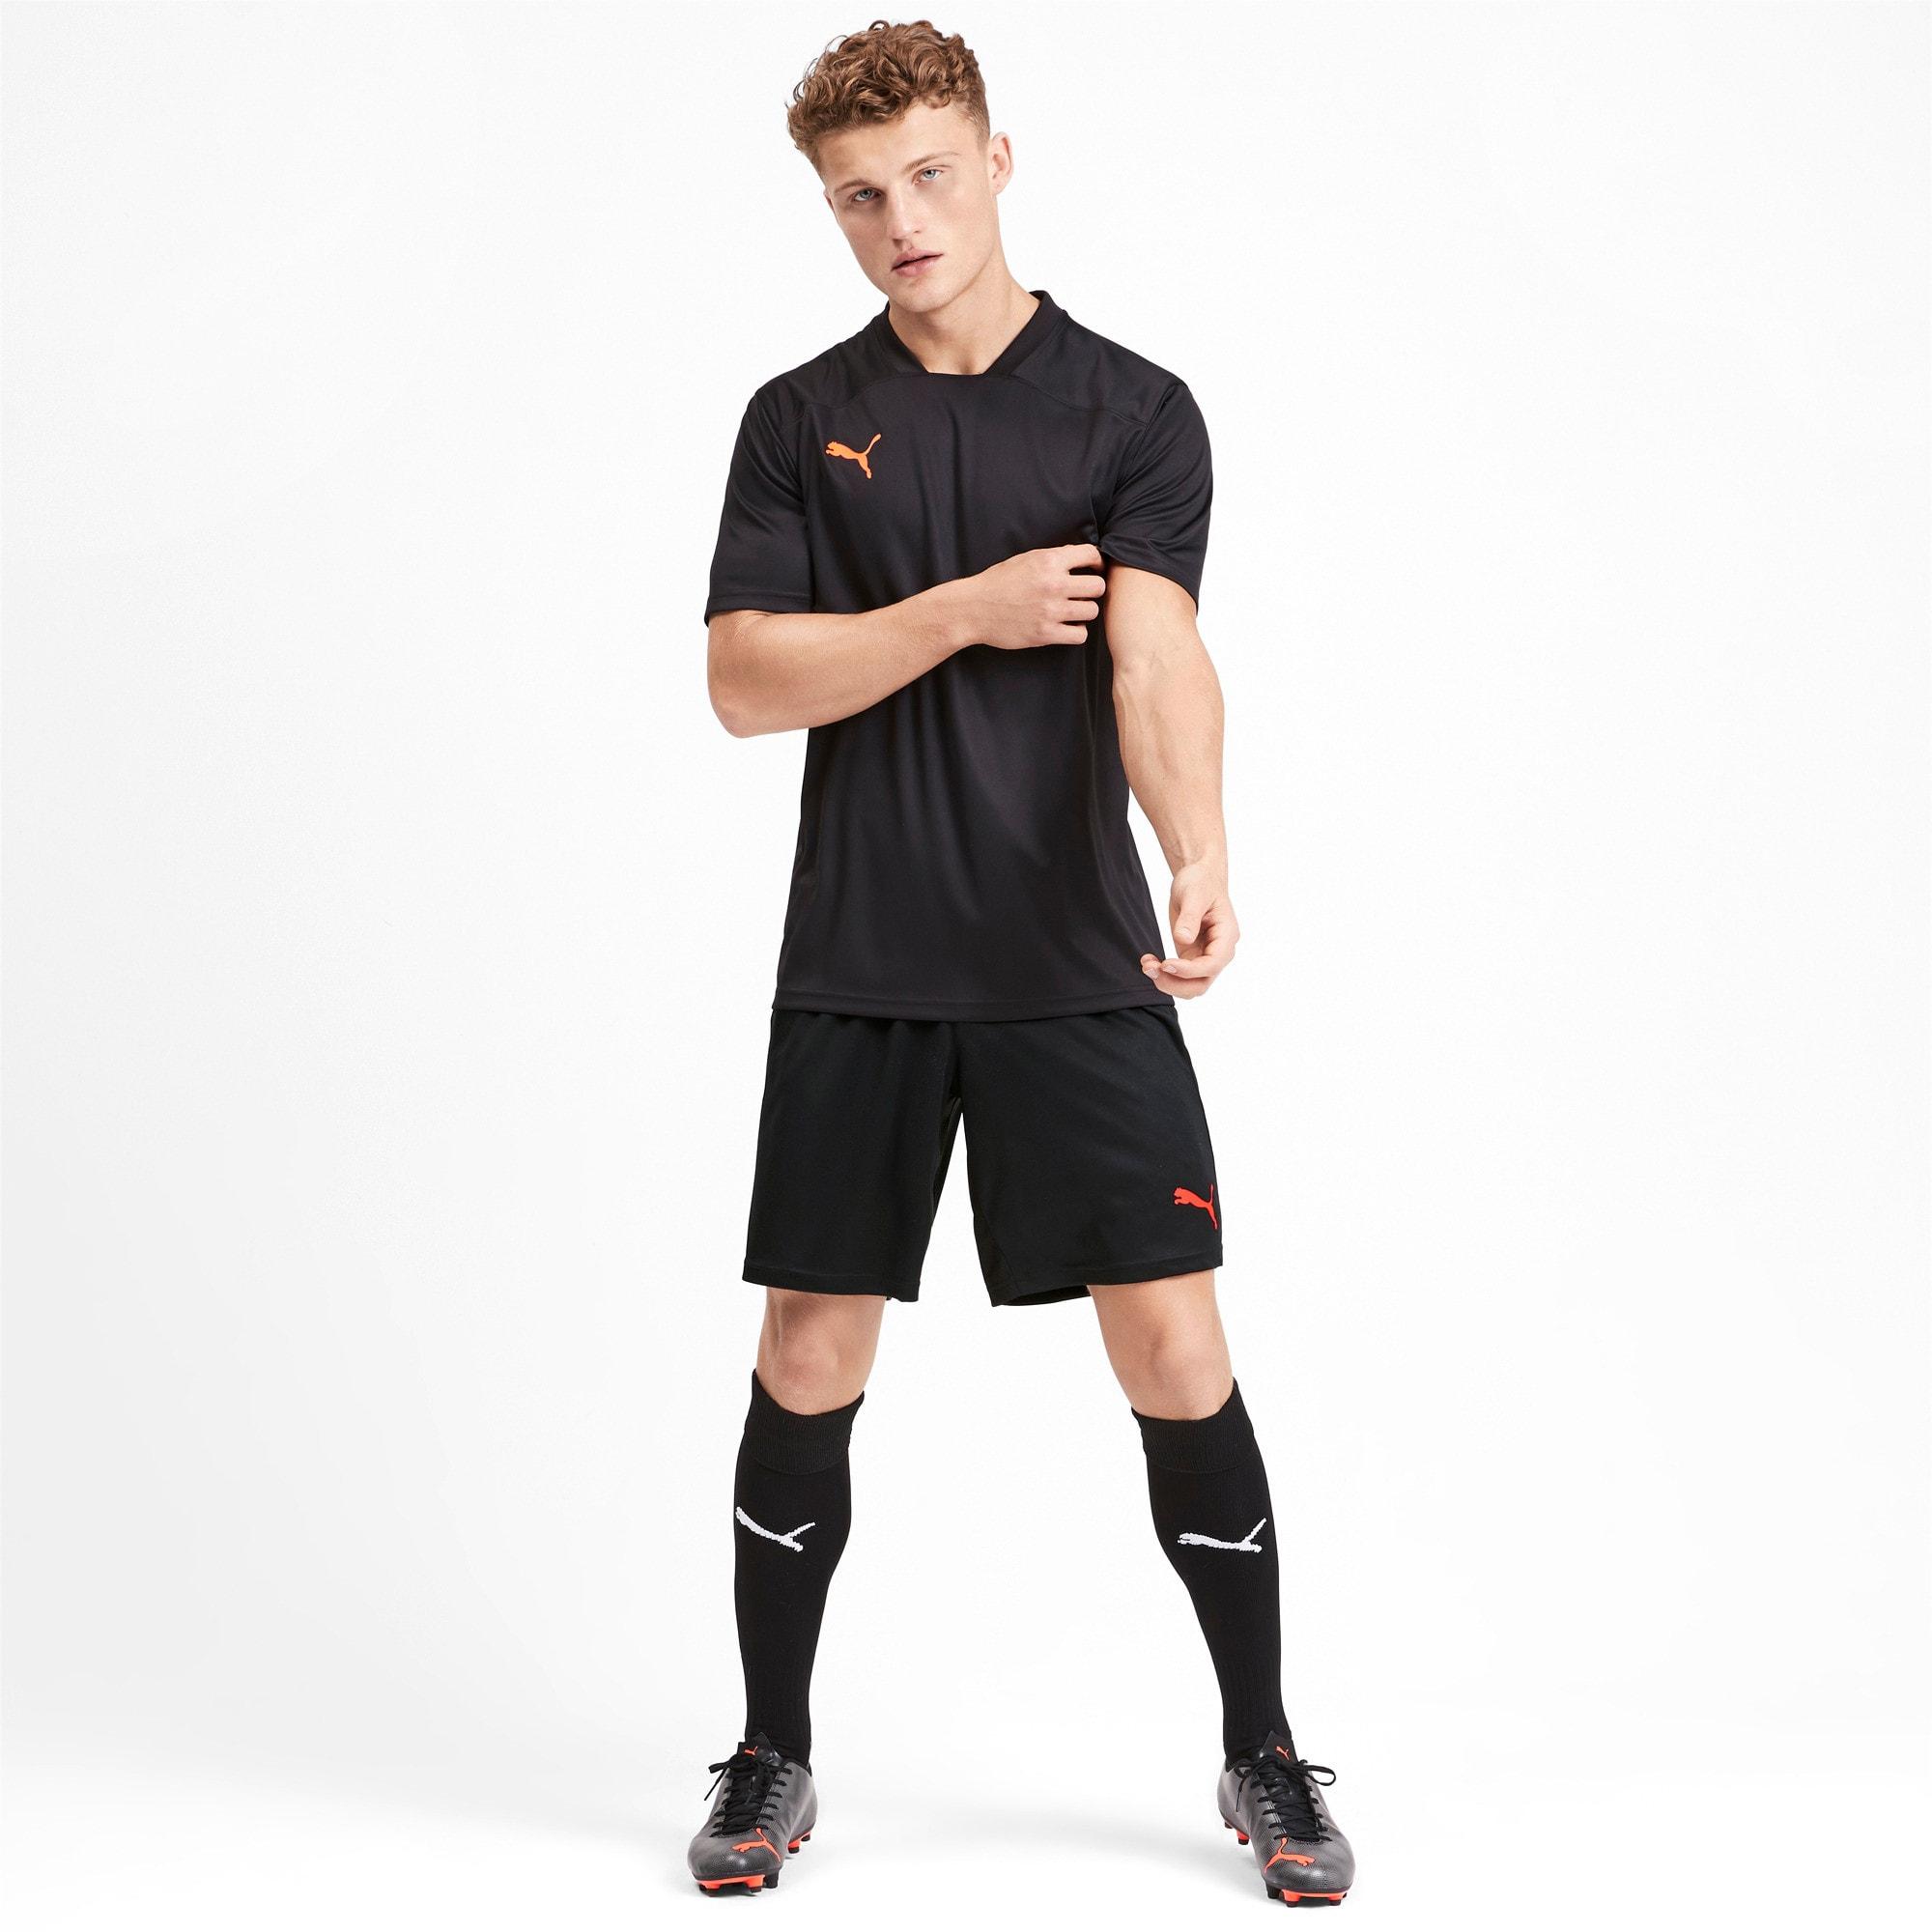 Thumbnail 3 of ftblNXT Men's Shorts, Puma Black, medium